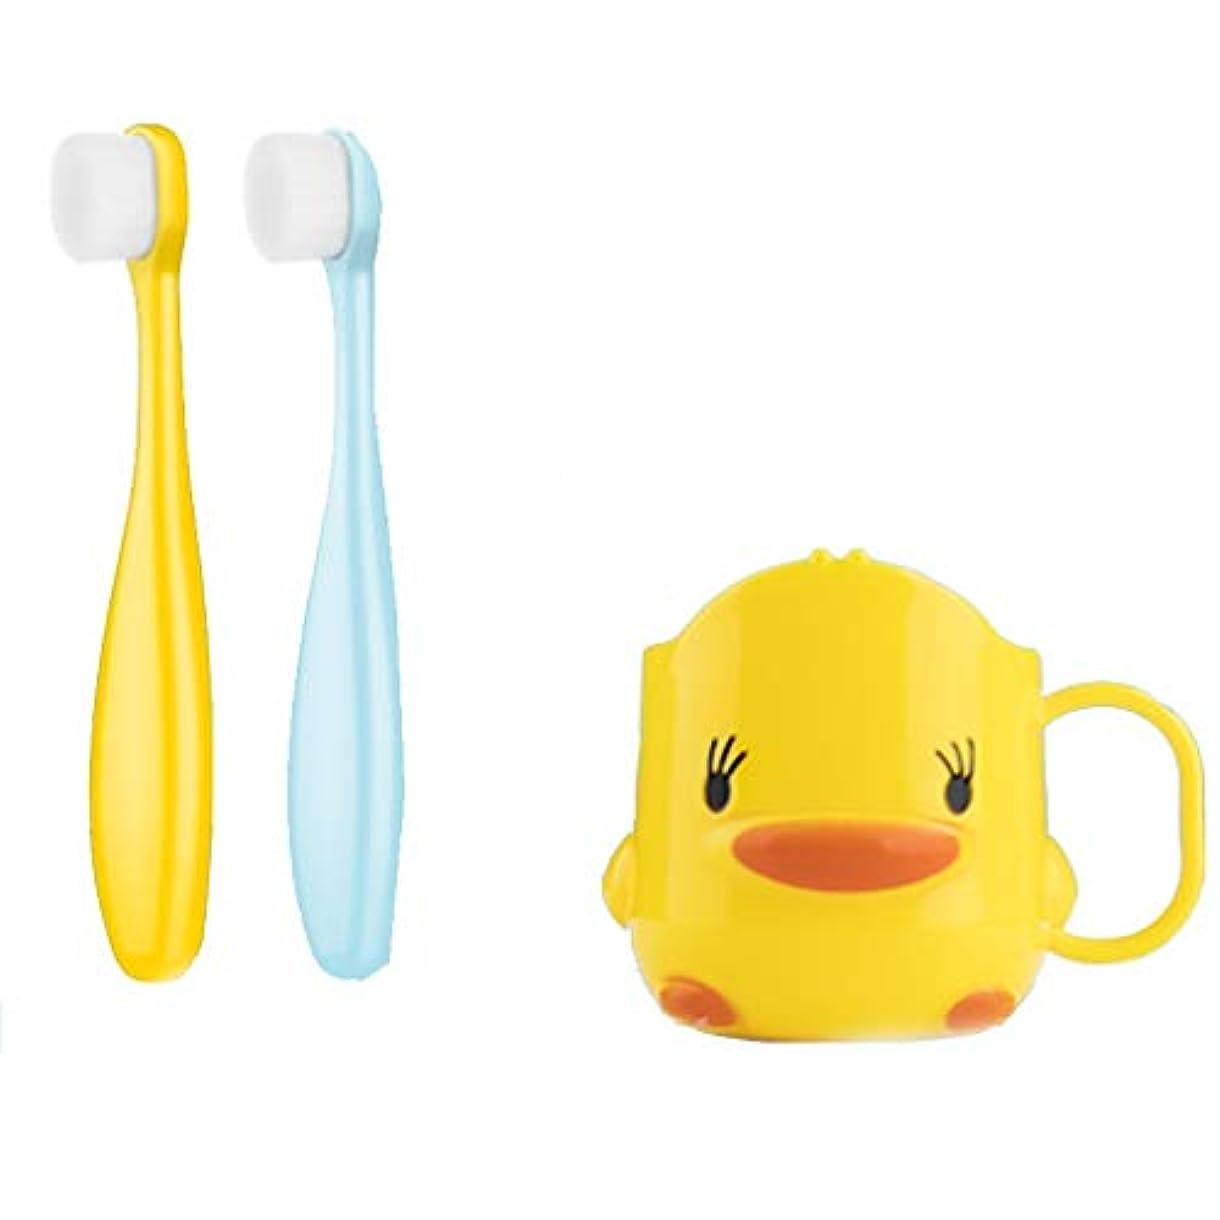 チャールズキージング周りうまれた子供用歯ブラシ、スーパーソフトヘア、嚥下可能、トゥースガード、個別包装